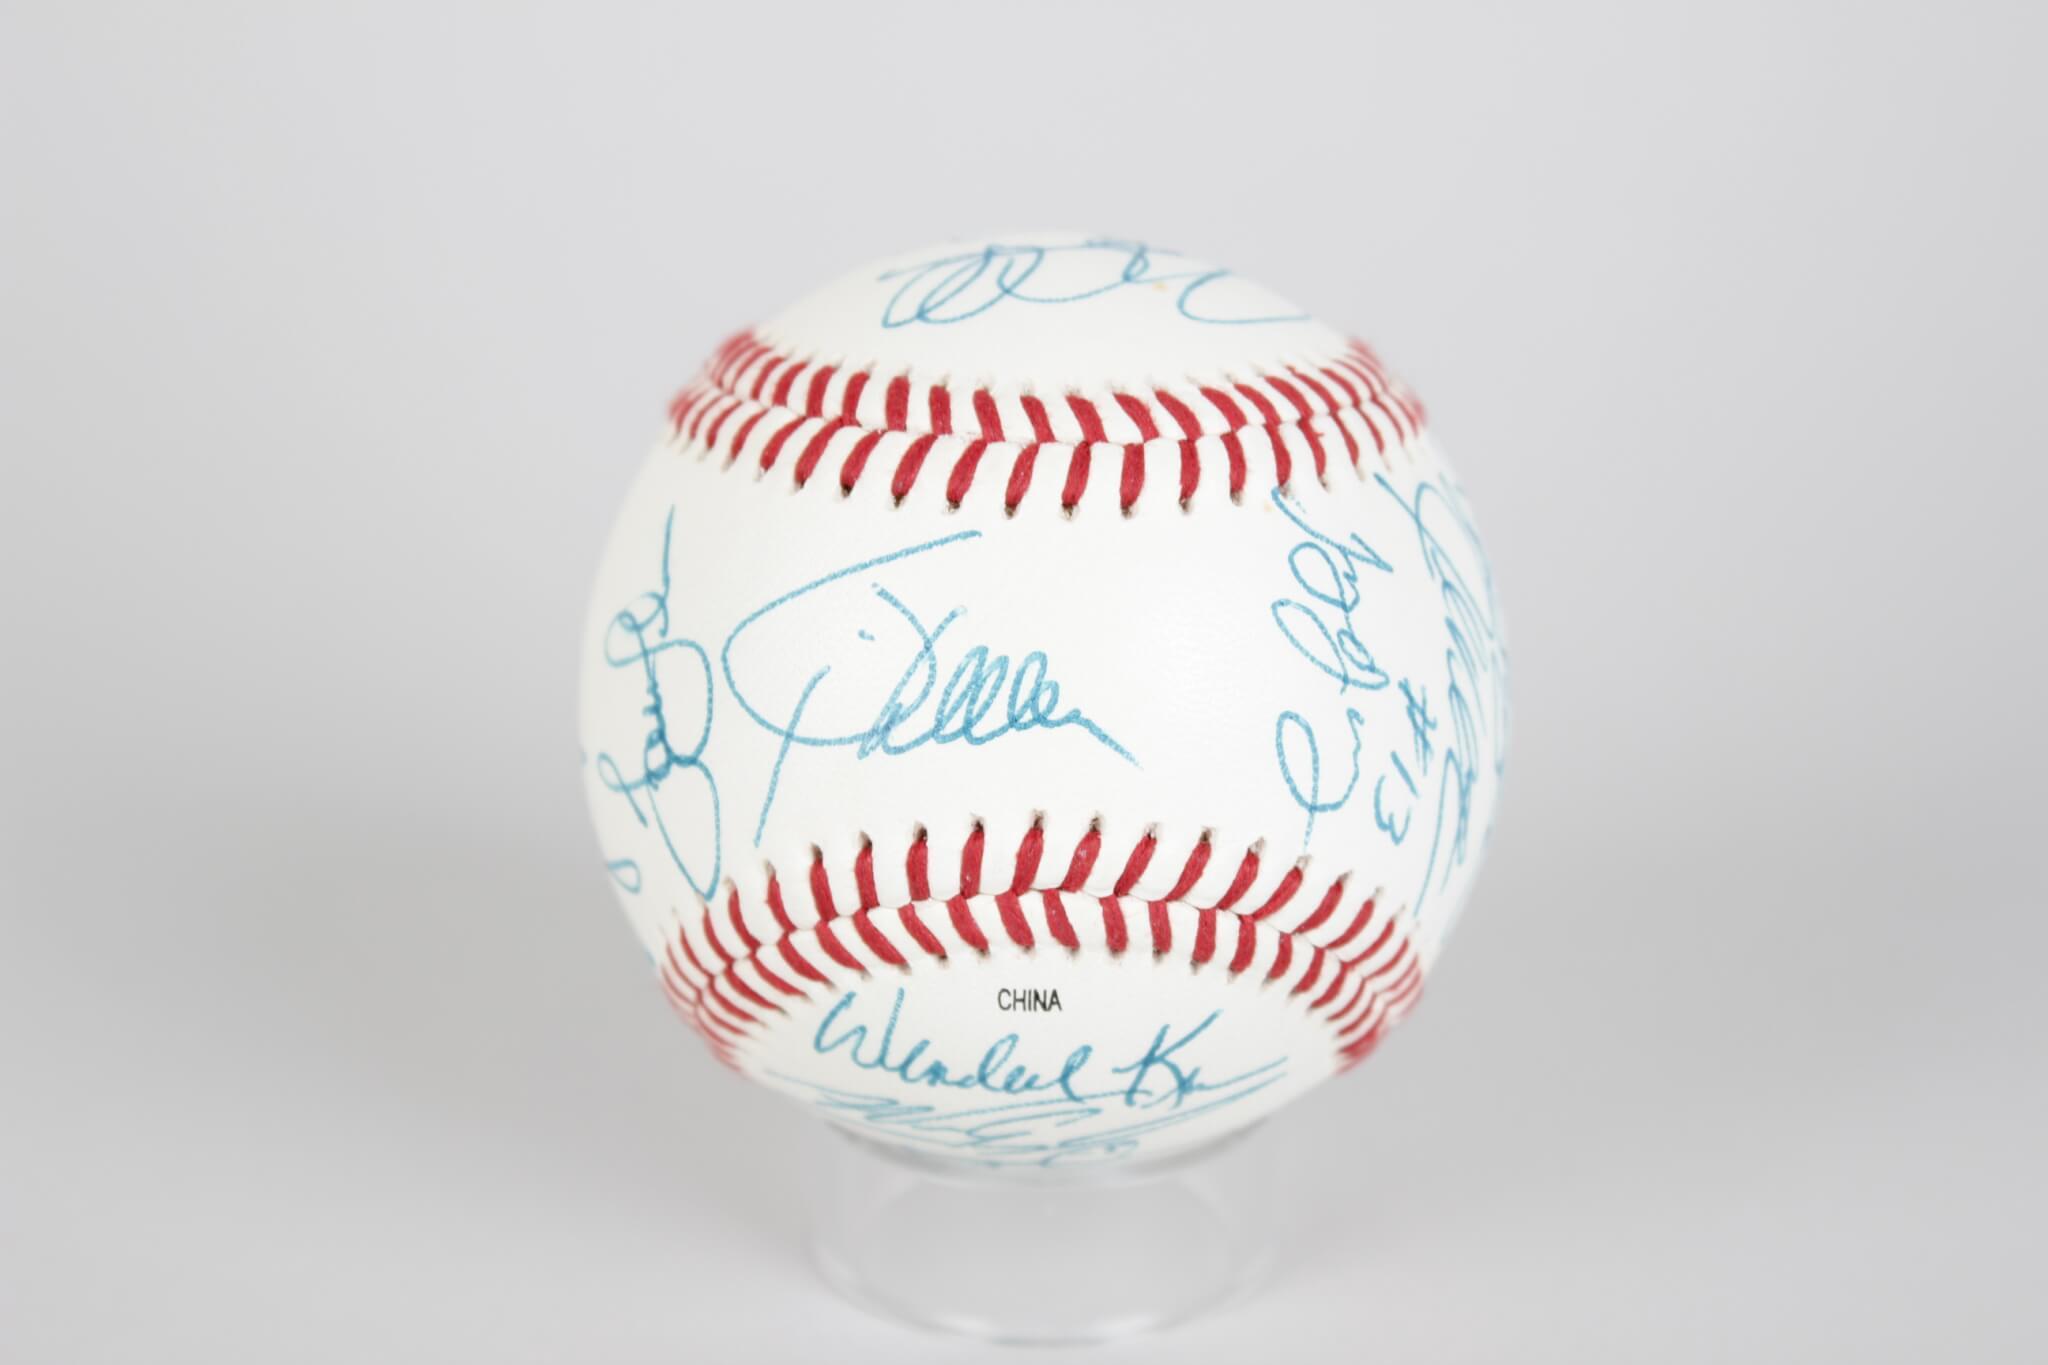 1999 Red Sox Team-Signed Baseball 21 Sigs. Varitek,Beck, Garciaparra etc. - JSA